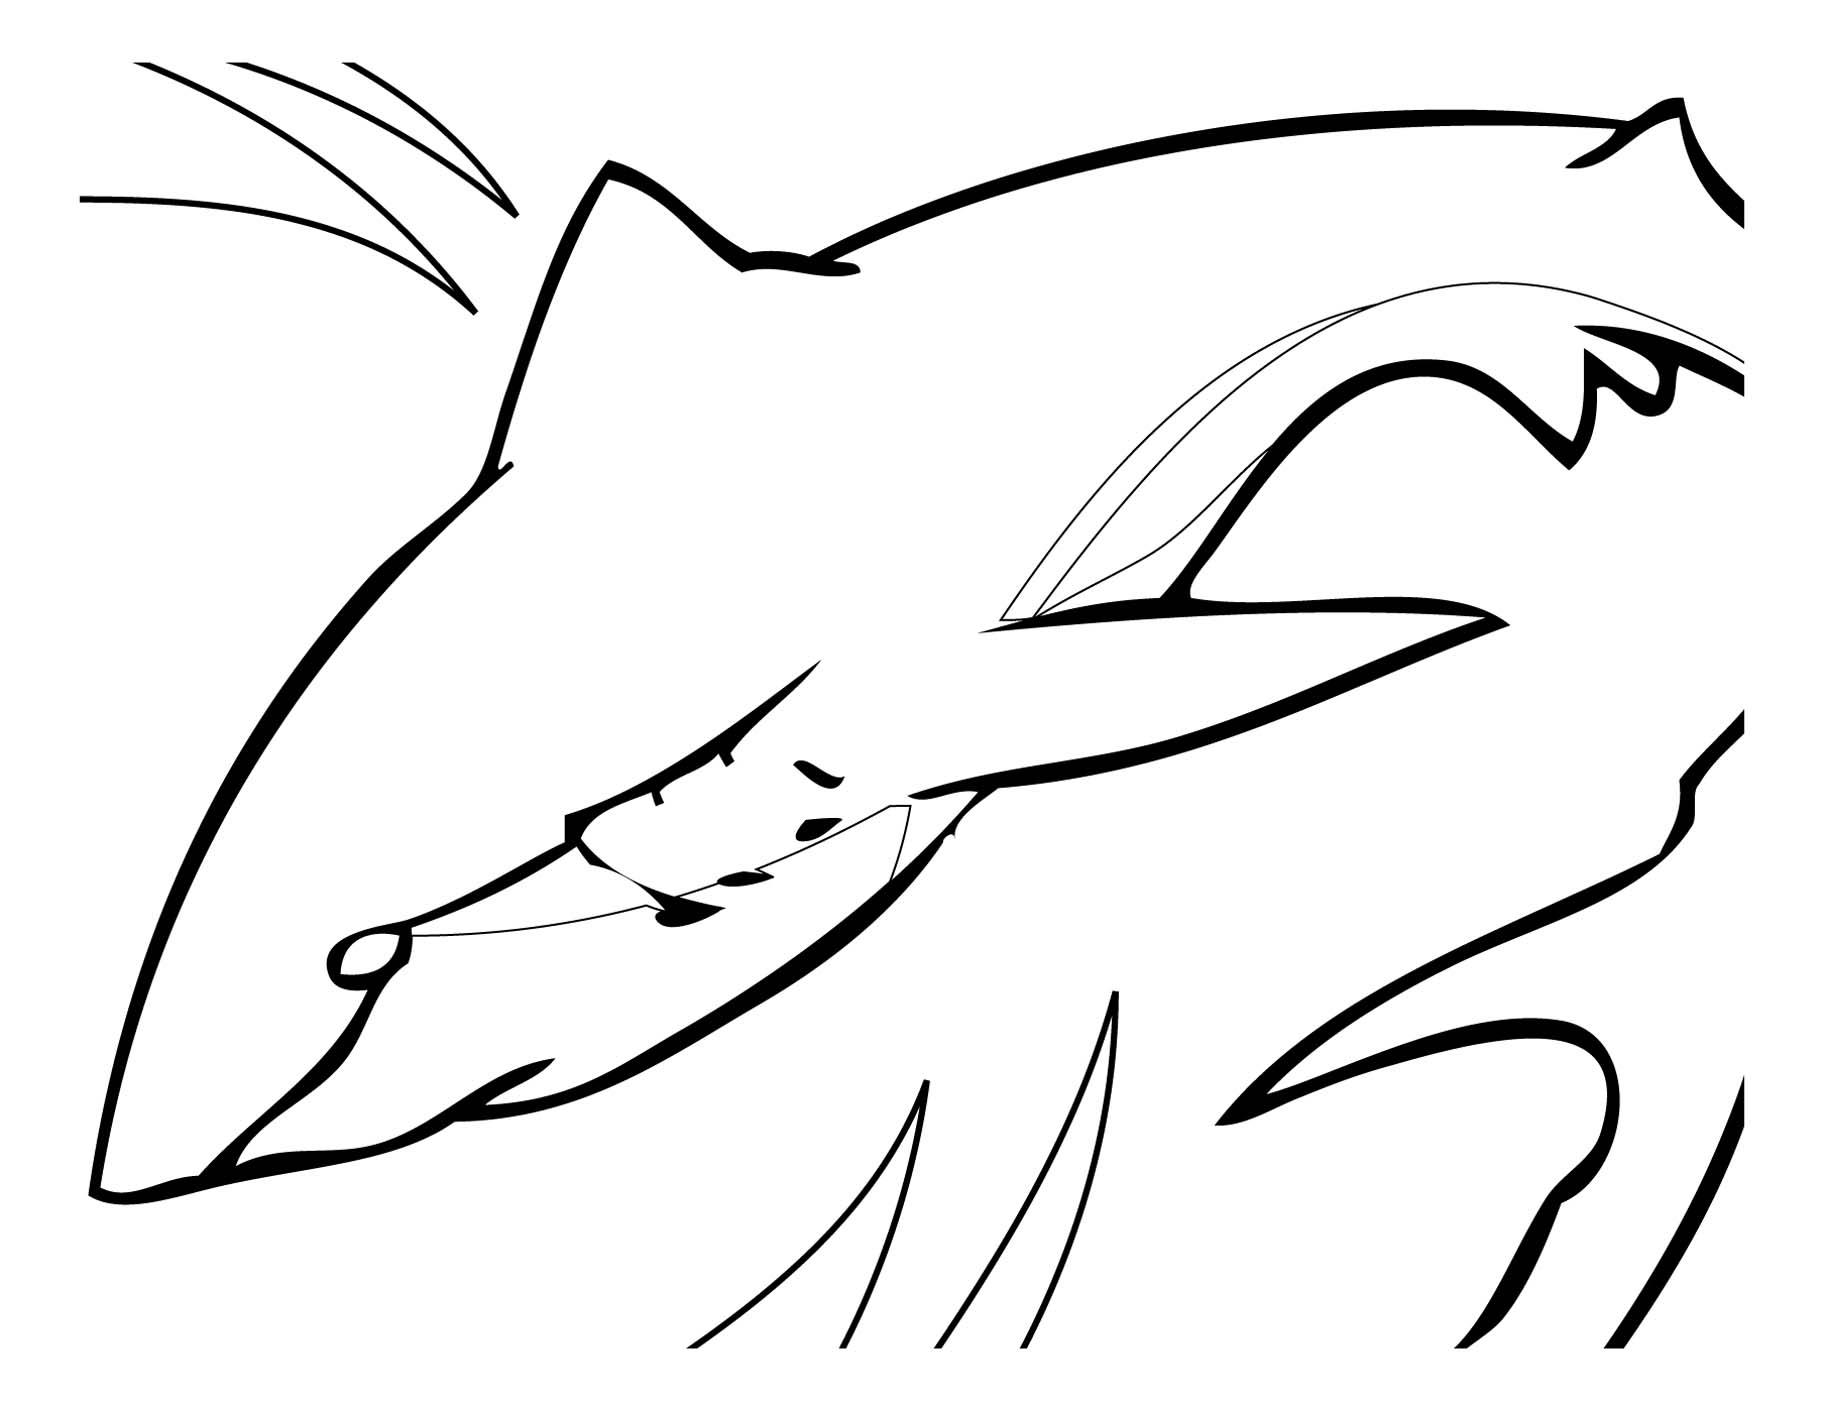 Inspirant dessins requins colorier gratuit - Coloriage requin blanc ...